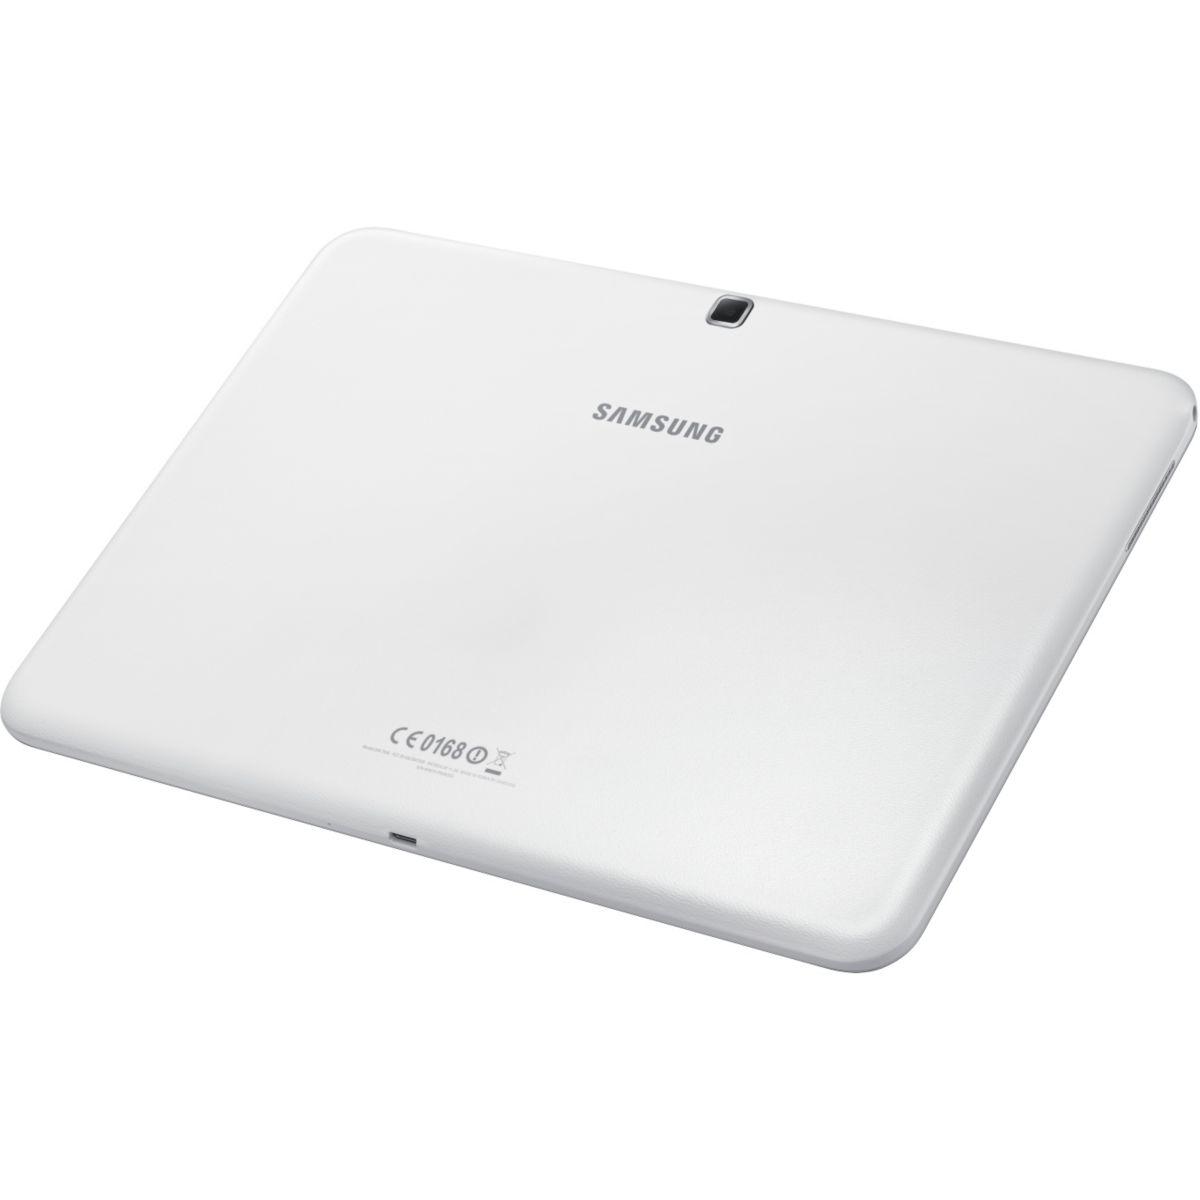 samsung galaxy tab 4 10 1 ve 16 go tablette tactile. Black Bedroom Furniture Sets. Home Design Ideas